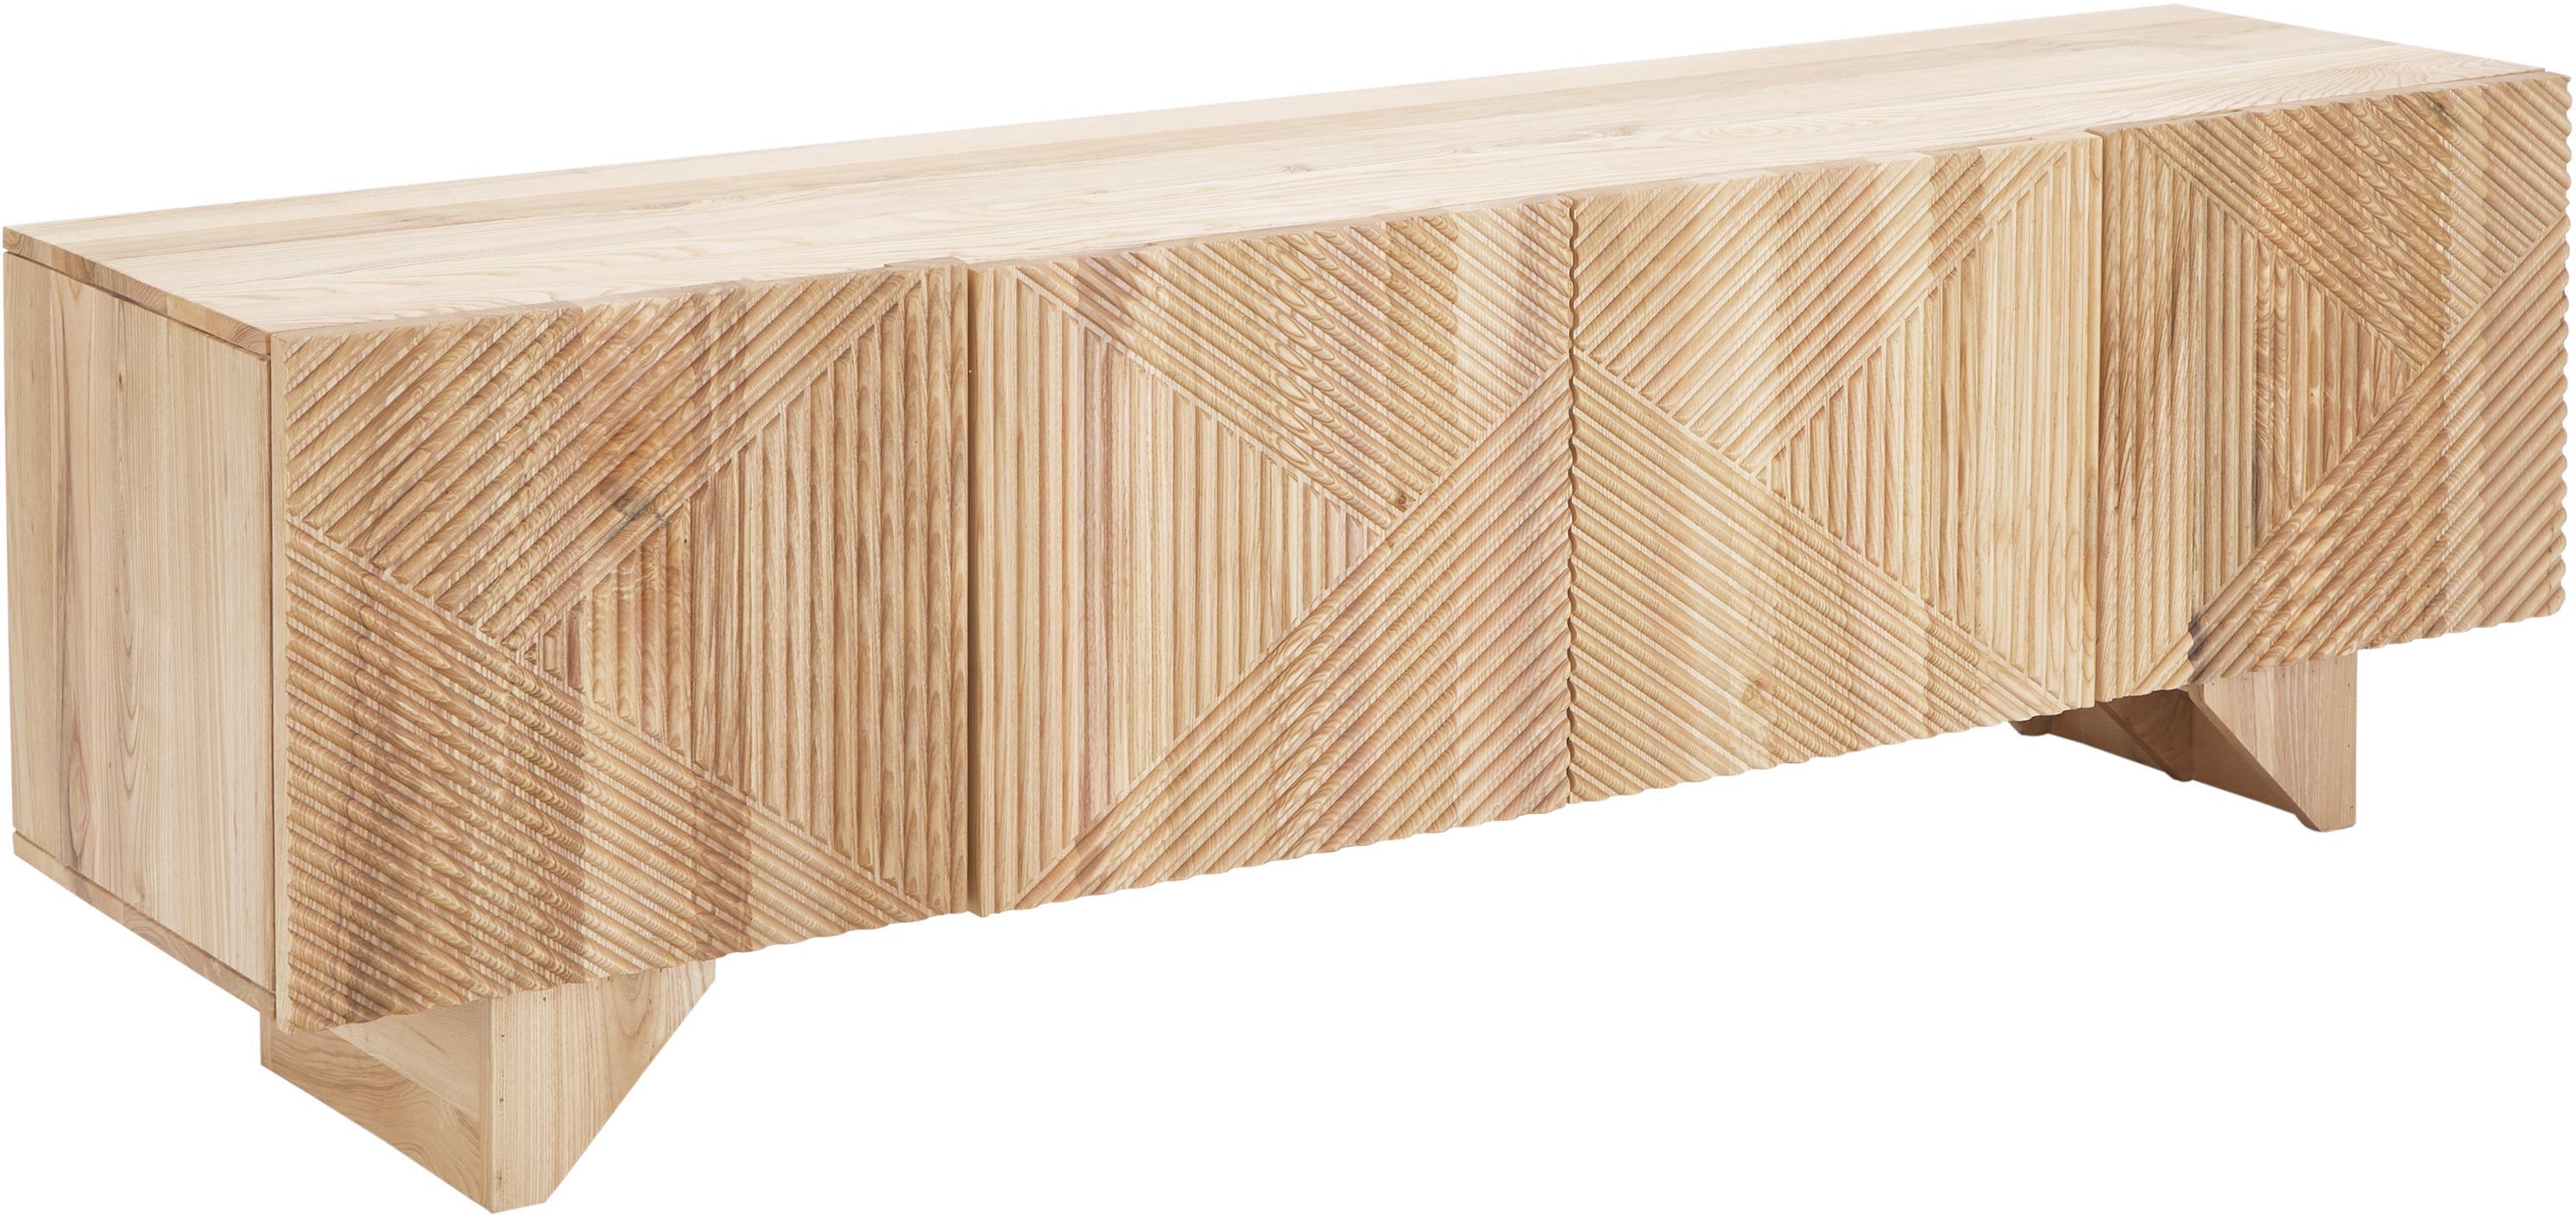 Credenza bassa in legno di frassino massiccio Louis, Legno di frassino massiccio verniciato, Legno di frassino, Larg. 180 x Alt. 55 cm